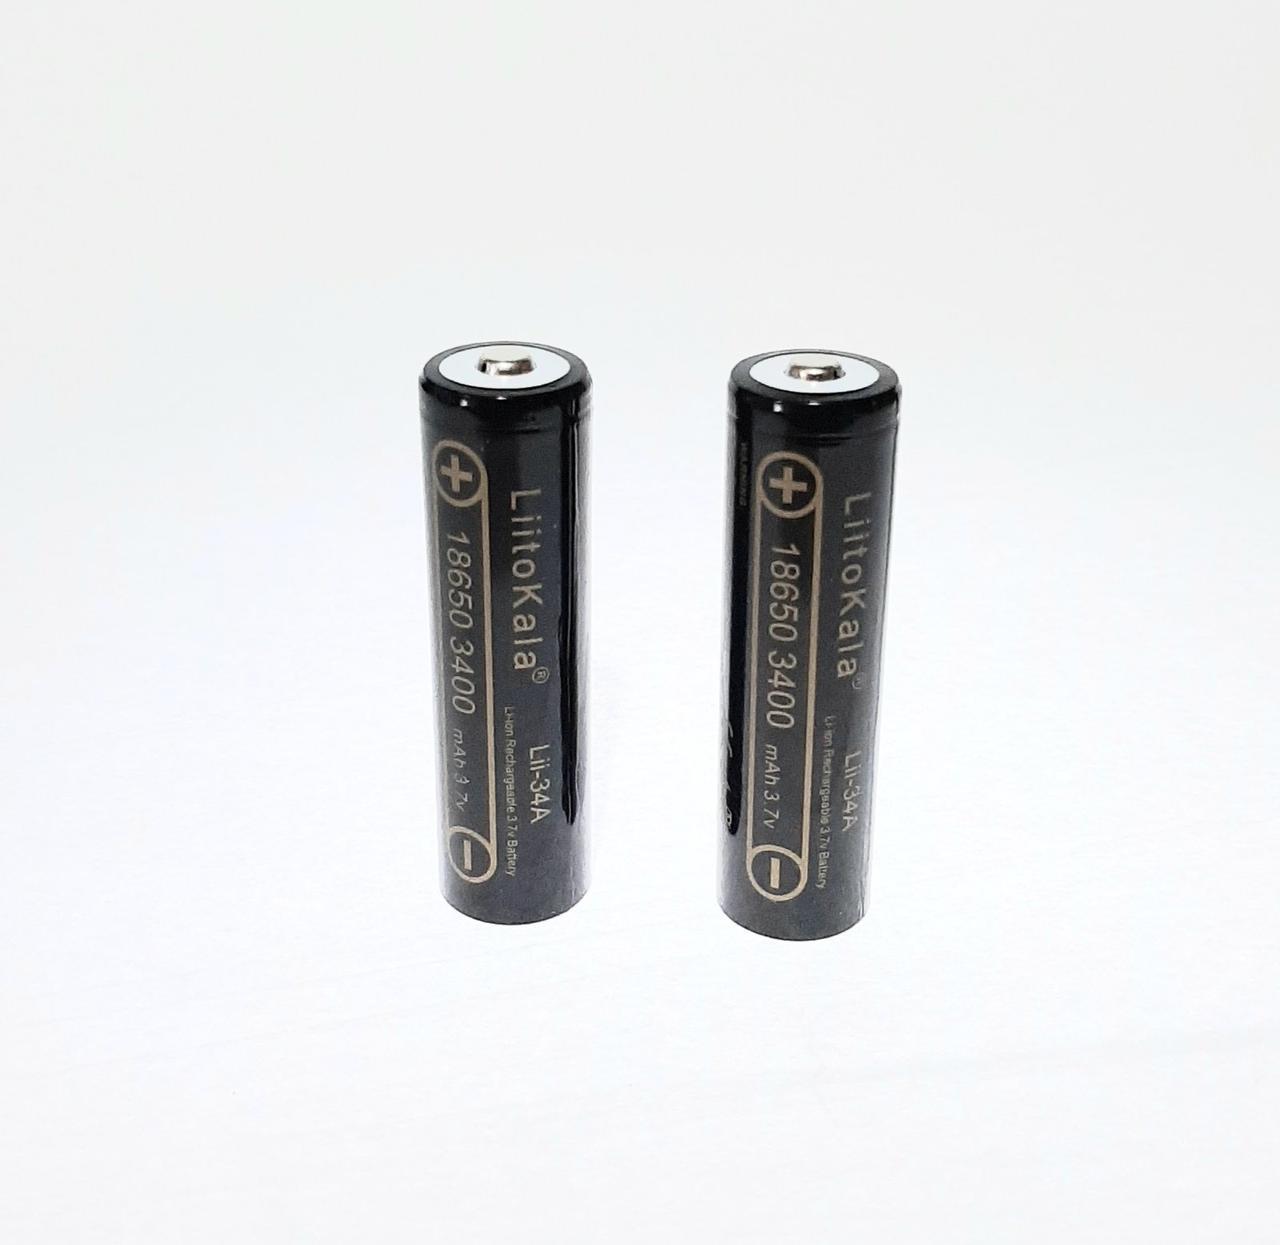 Аккумулятор 18650 Liitokala Lii-34A 3400 mAh